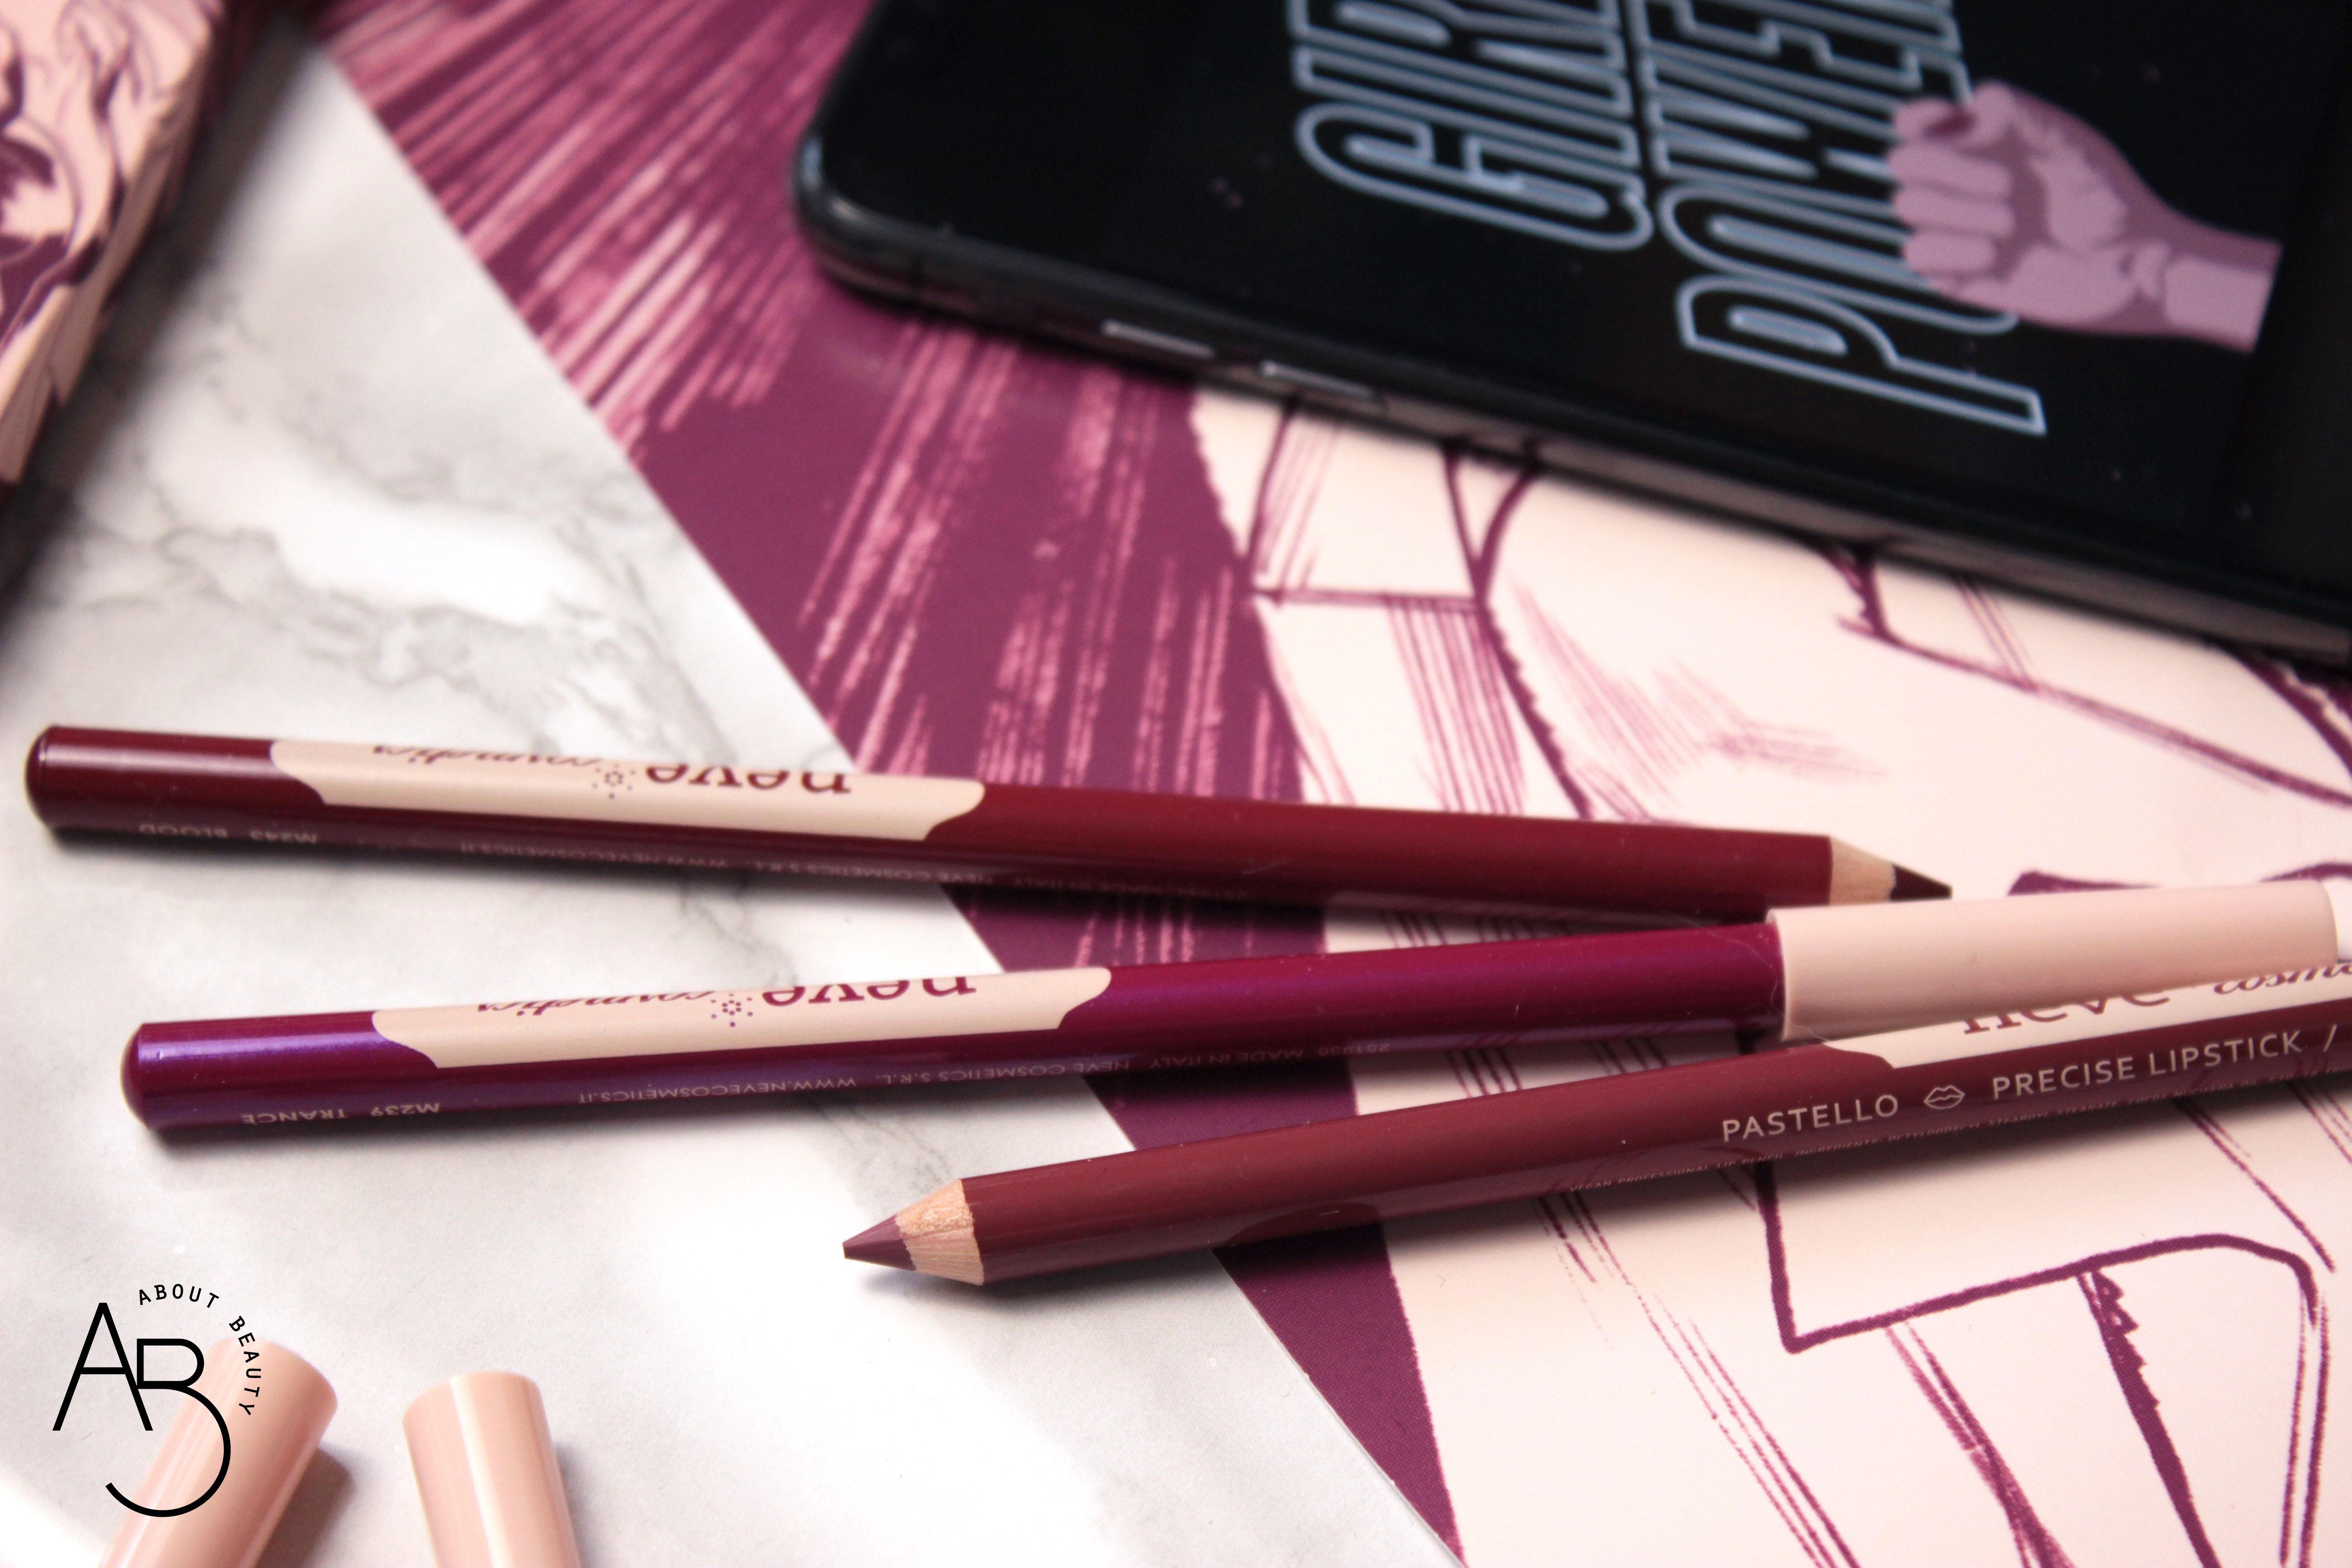 Neve Cosmetics Superheroine Collection - Matite pastello labbra lipliner - Info, review, recensione, prezzo, swatch, dove acquistare - Detail 4